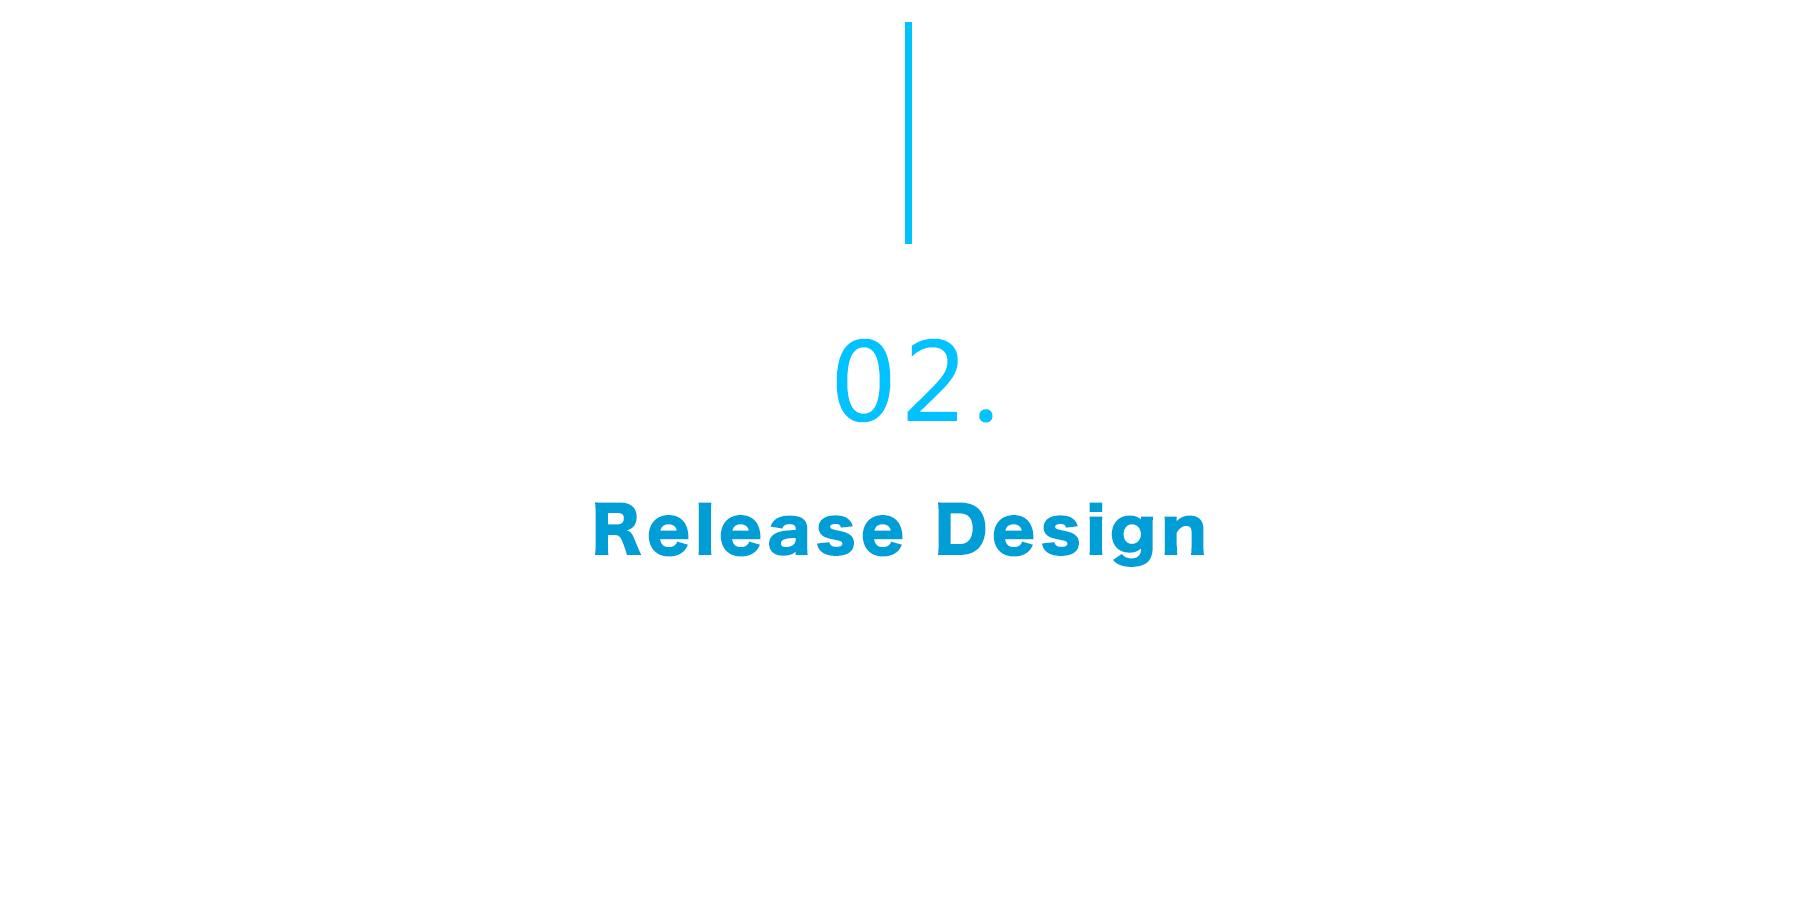 查看《JW|云捷报APP界面设计&设计规范》原图,原图尺寸:1800x920